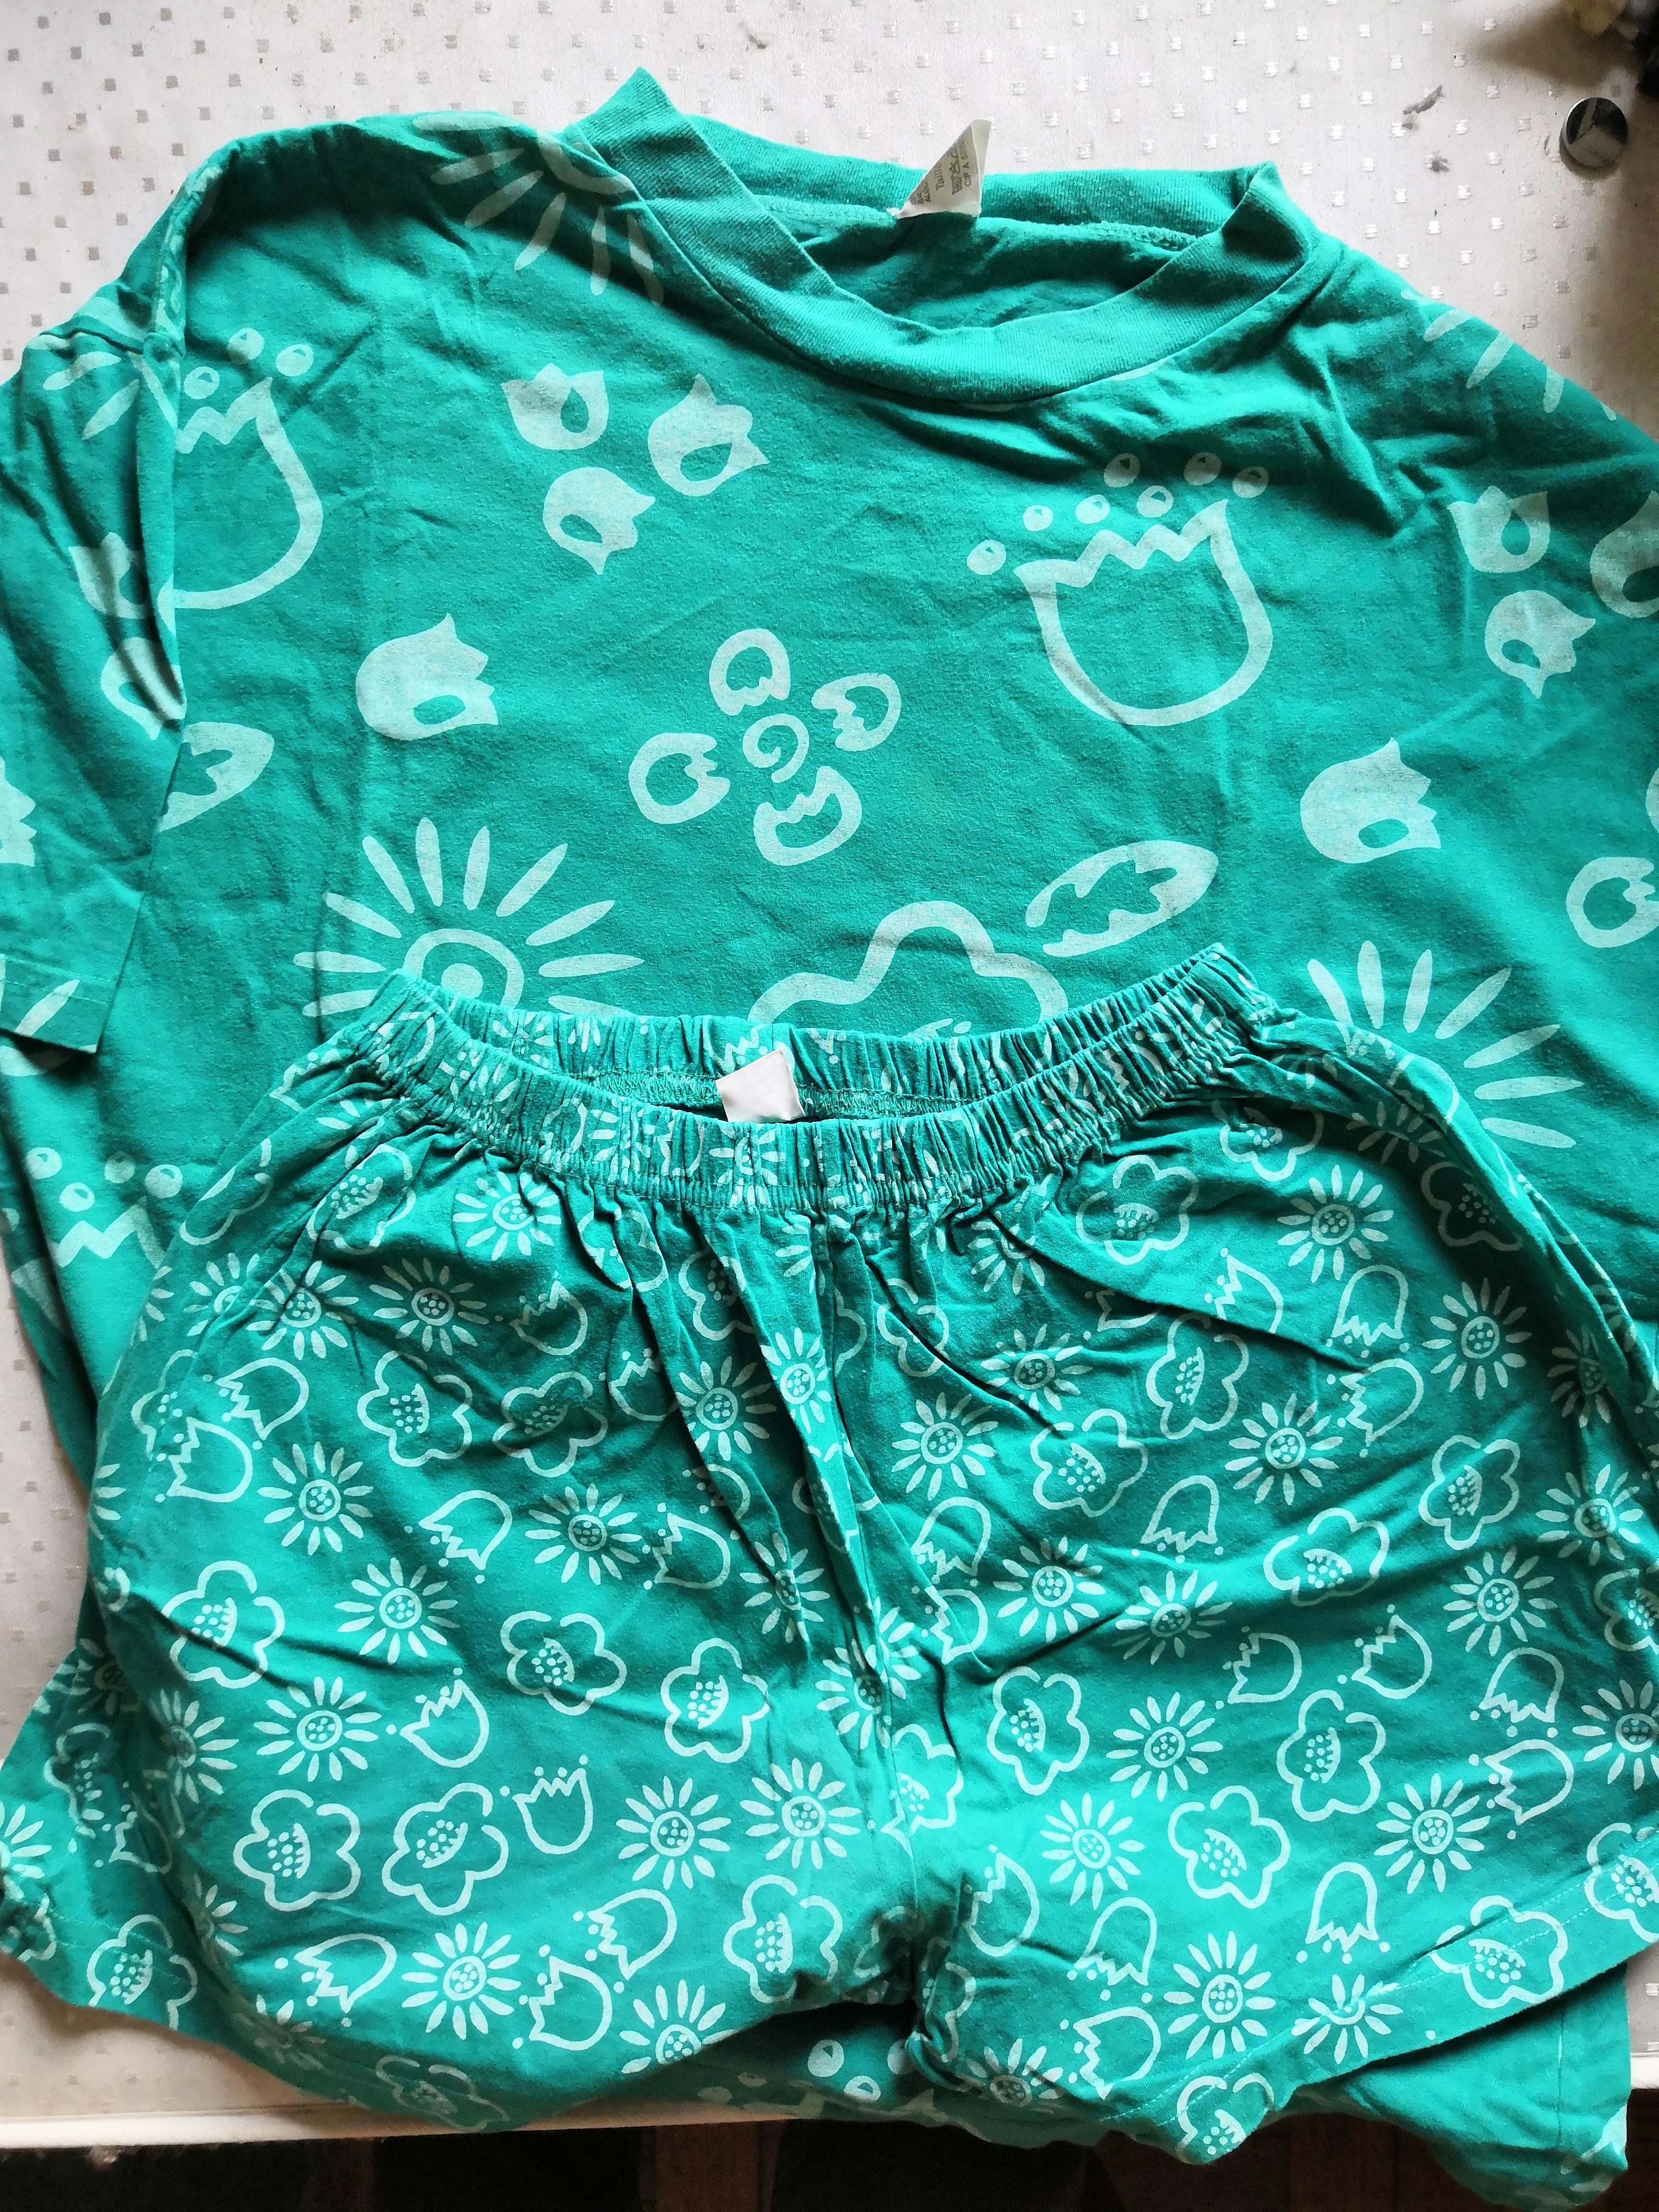 troc de troc pyjama d'été taille 38/40 image 0